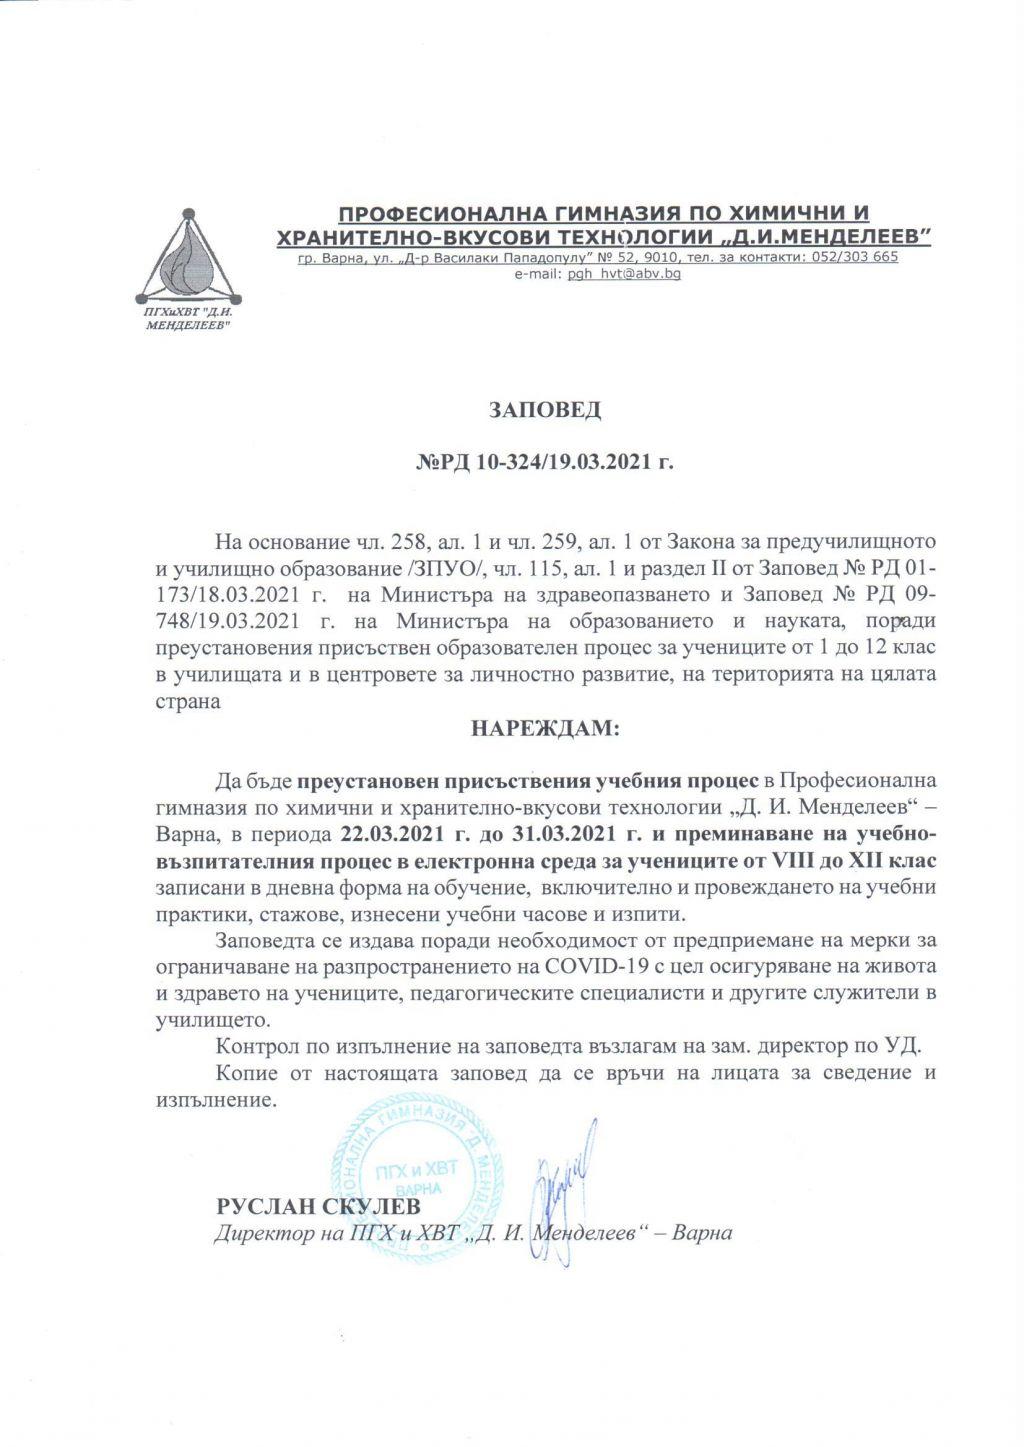 Преустановен присъствен учебен процес до 31.03.21 г. - голяма снимка